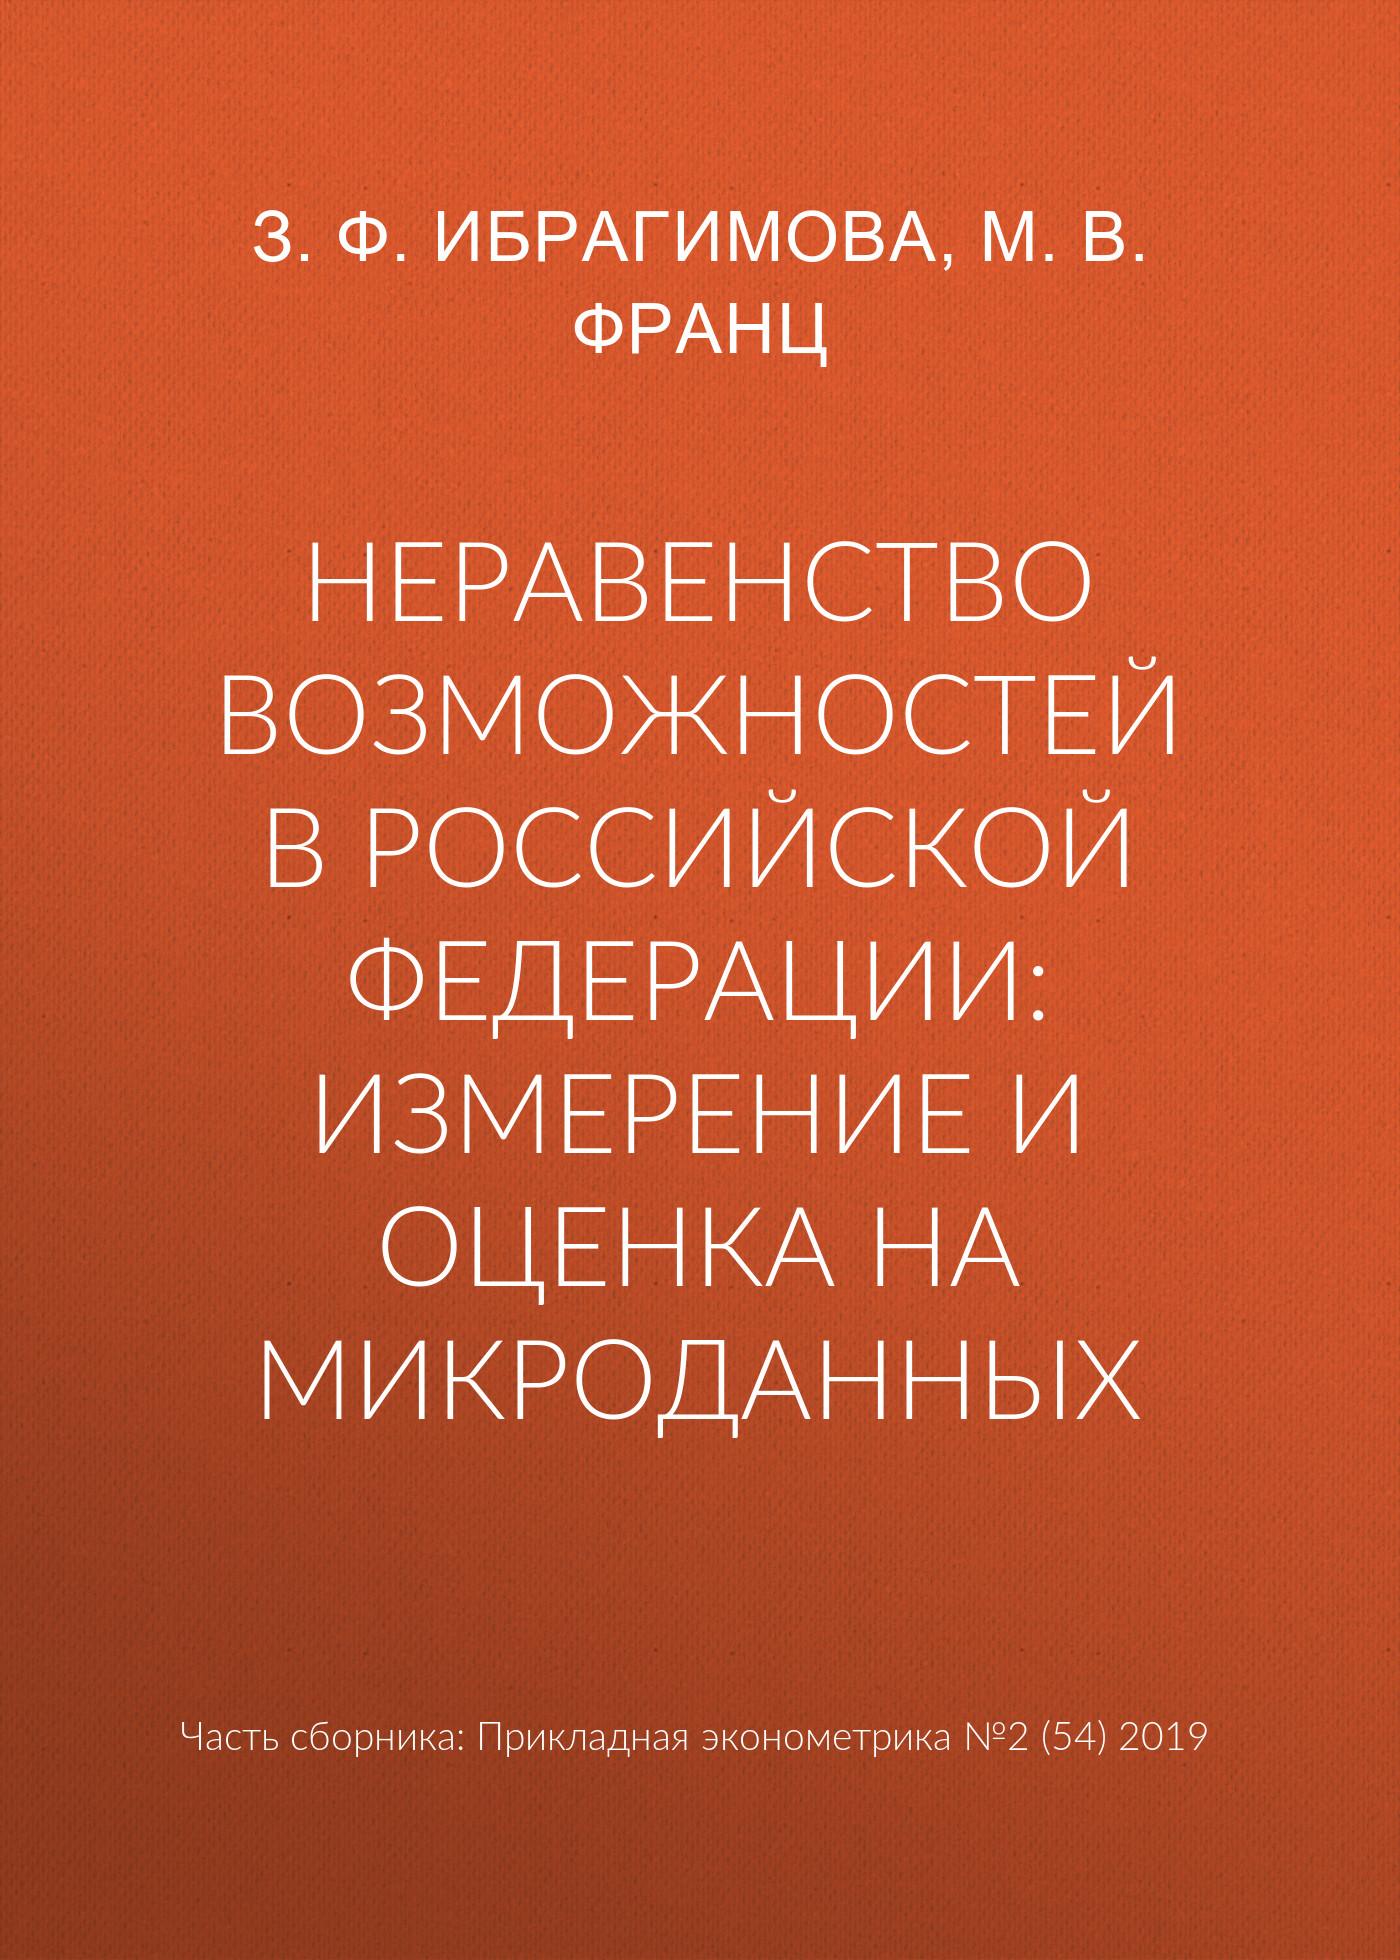 З. Ф. Ибрагимова Неравенство возможностей в Российской Федерации: измерение и оценка на микроданных джозеф стиглиц великое разделение неравенство в обществе или что делать оставшимся 99% населения